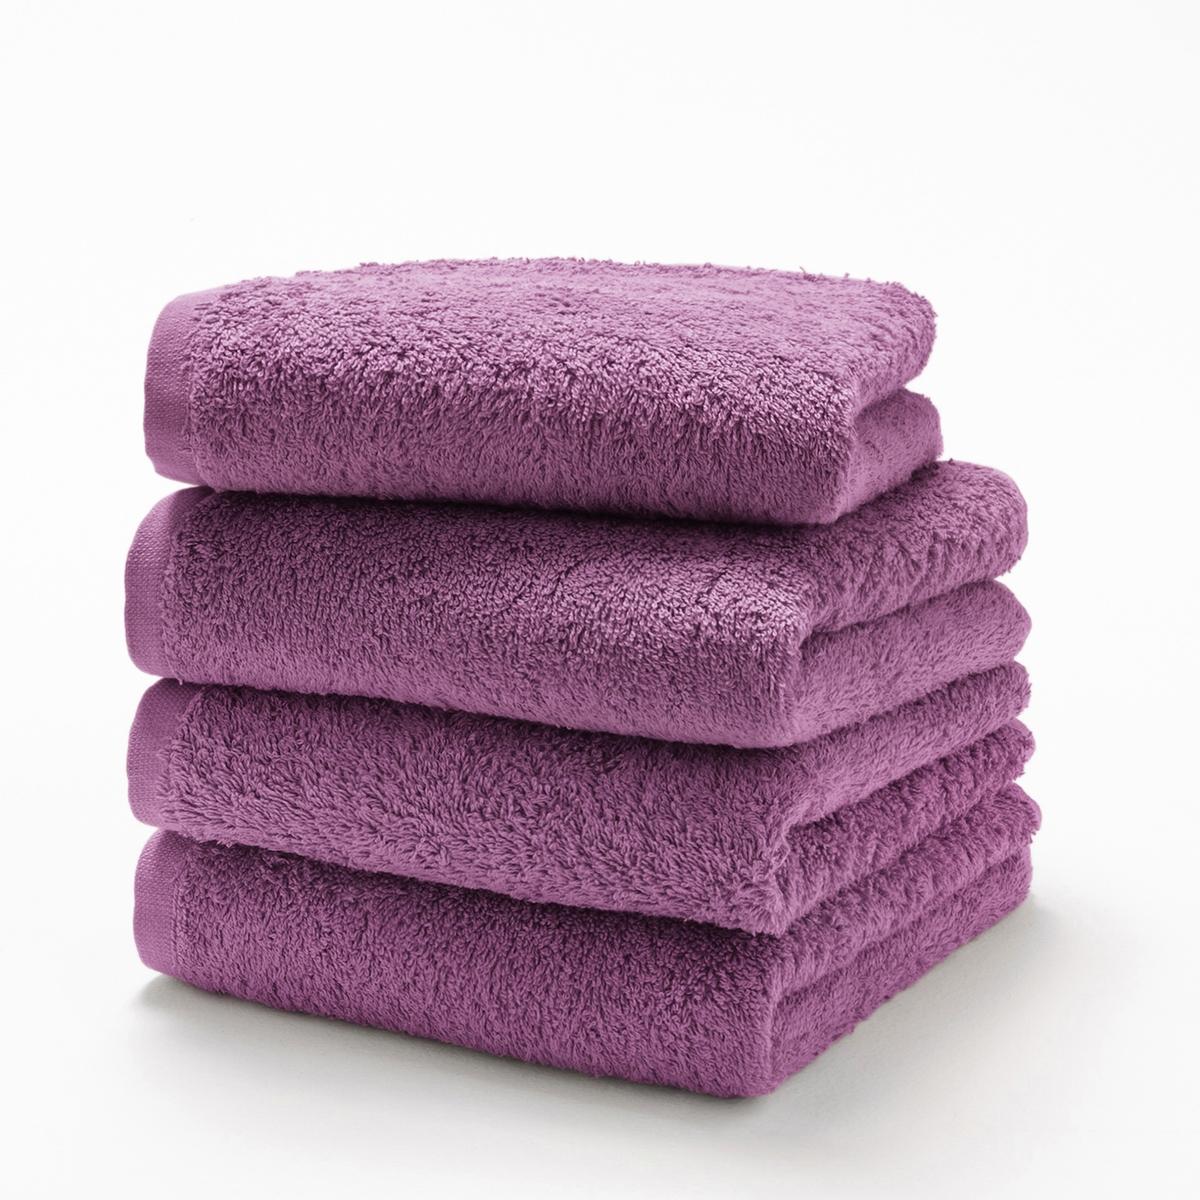 Комплект из 4 гостевых полотенец 500 г/м?Комплект из 4 гостевых полотенец из махровой ткани, 100% хлопок (500 г/м?), невероятно нежной, мягкой и отлично впитывающей влагу.Полотенца разных цветов для ванной...Характеристики 4 однотонных гостевых полотенец :- Махровая ткань, 100% хлопок (500 г/м?).- Отделка краев диагонали.- Машинная стирка при 60 °С.- Машинная сушка.- Замечательная износоустойчивость, сохраняет мягкость и яркость окраски после многочисленных стирок.- Размеры полотенца : 40 x 40 см.- В комплекте 4 полотенца. Знак Oeko-Tex® гарантирует, что товары протестированы и сертифицированы, не содержат вредных веществ, которые могли бы нанести вред здоровью.<br><br>Цвет: белый,голубой бирюзовый,желтый шафран,зеленый  атолл,красный карминный,пепельно-серый,серо-бежевый,серо-синий,сине-зеленый,синий морской волны,темно-серый,фиолетовый,черный<br>Размер: 40 x 40  см.40 x 40  см